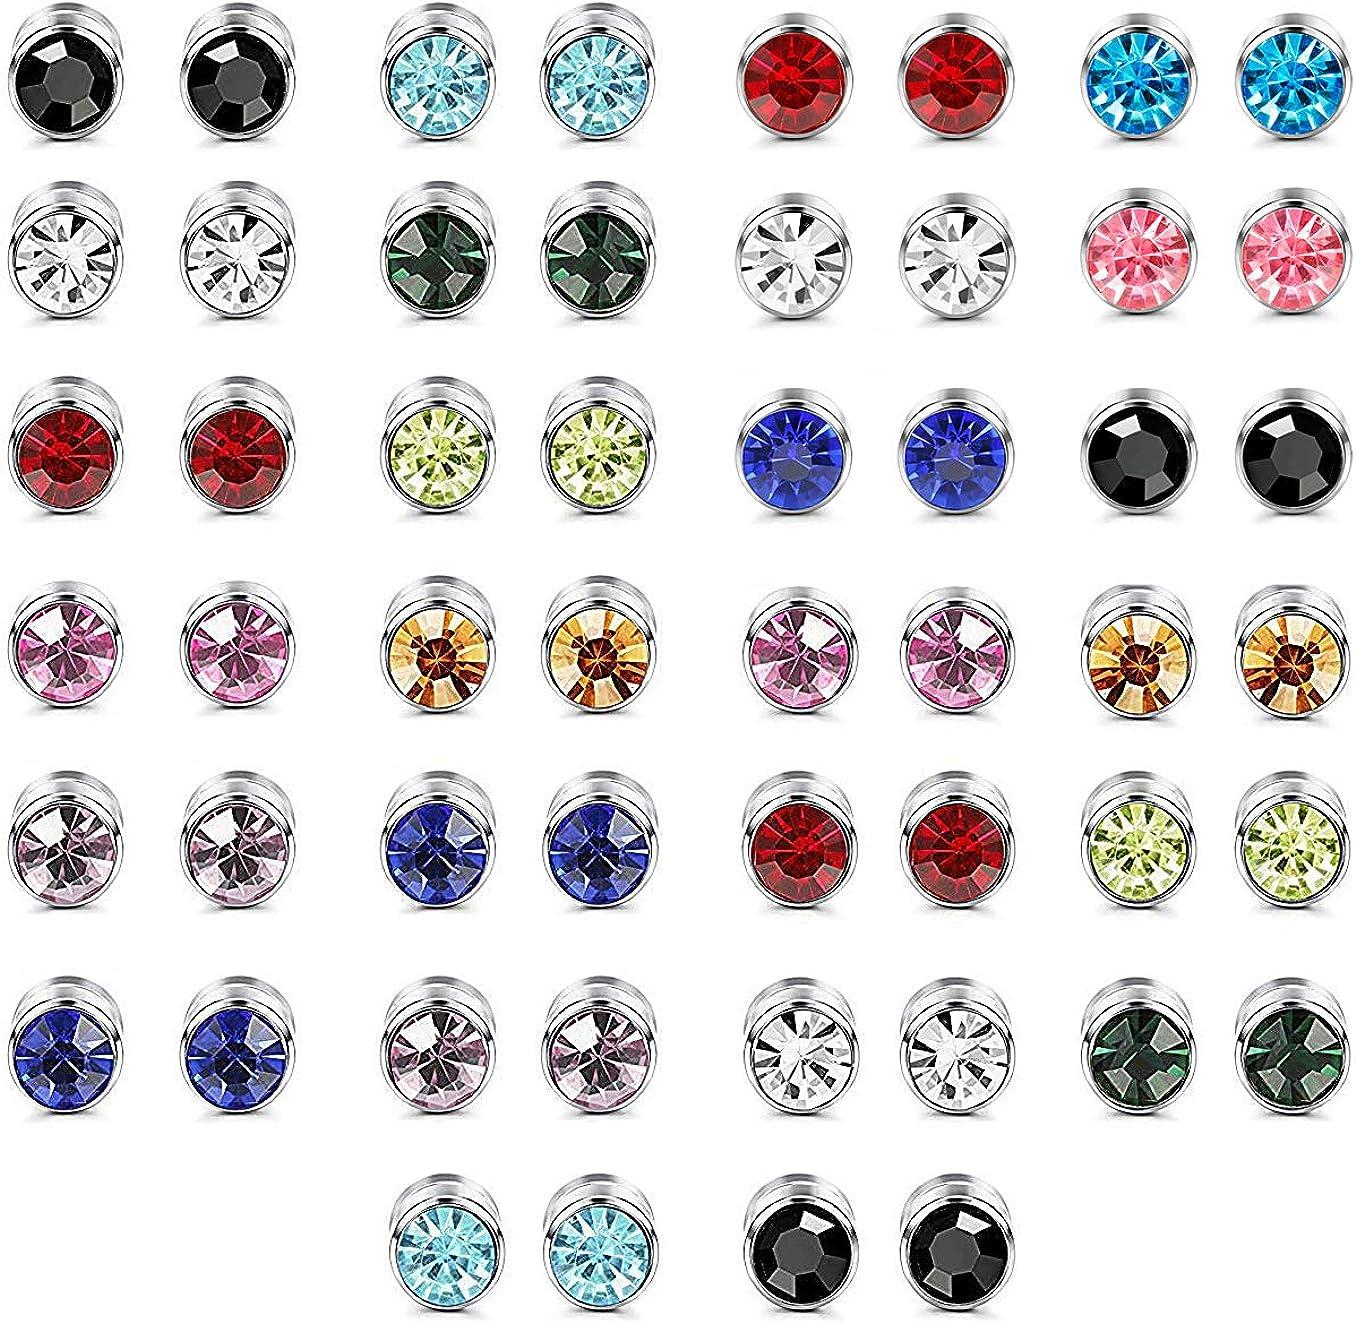 LOLIAS 26Pares Acero Inoxidable Magnético Pendientes para Hombres Mujeres Piedra de Nacimiento Aretes Circón Cúbico Redondo Piercing Pendientes Multicolor 6 MM